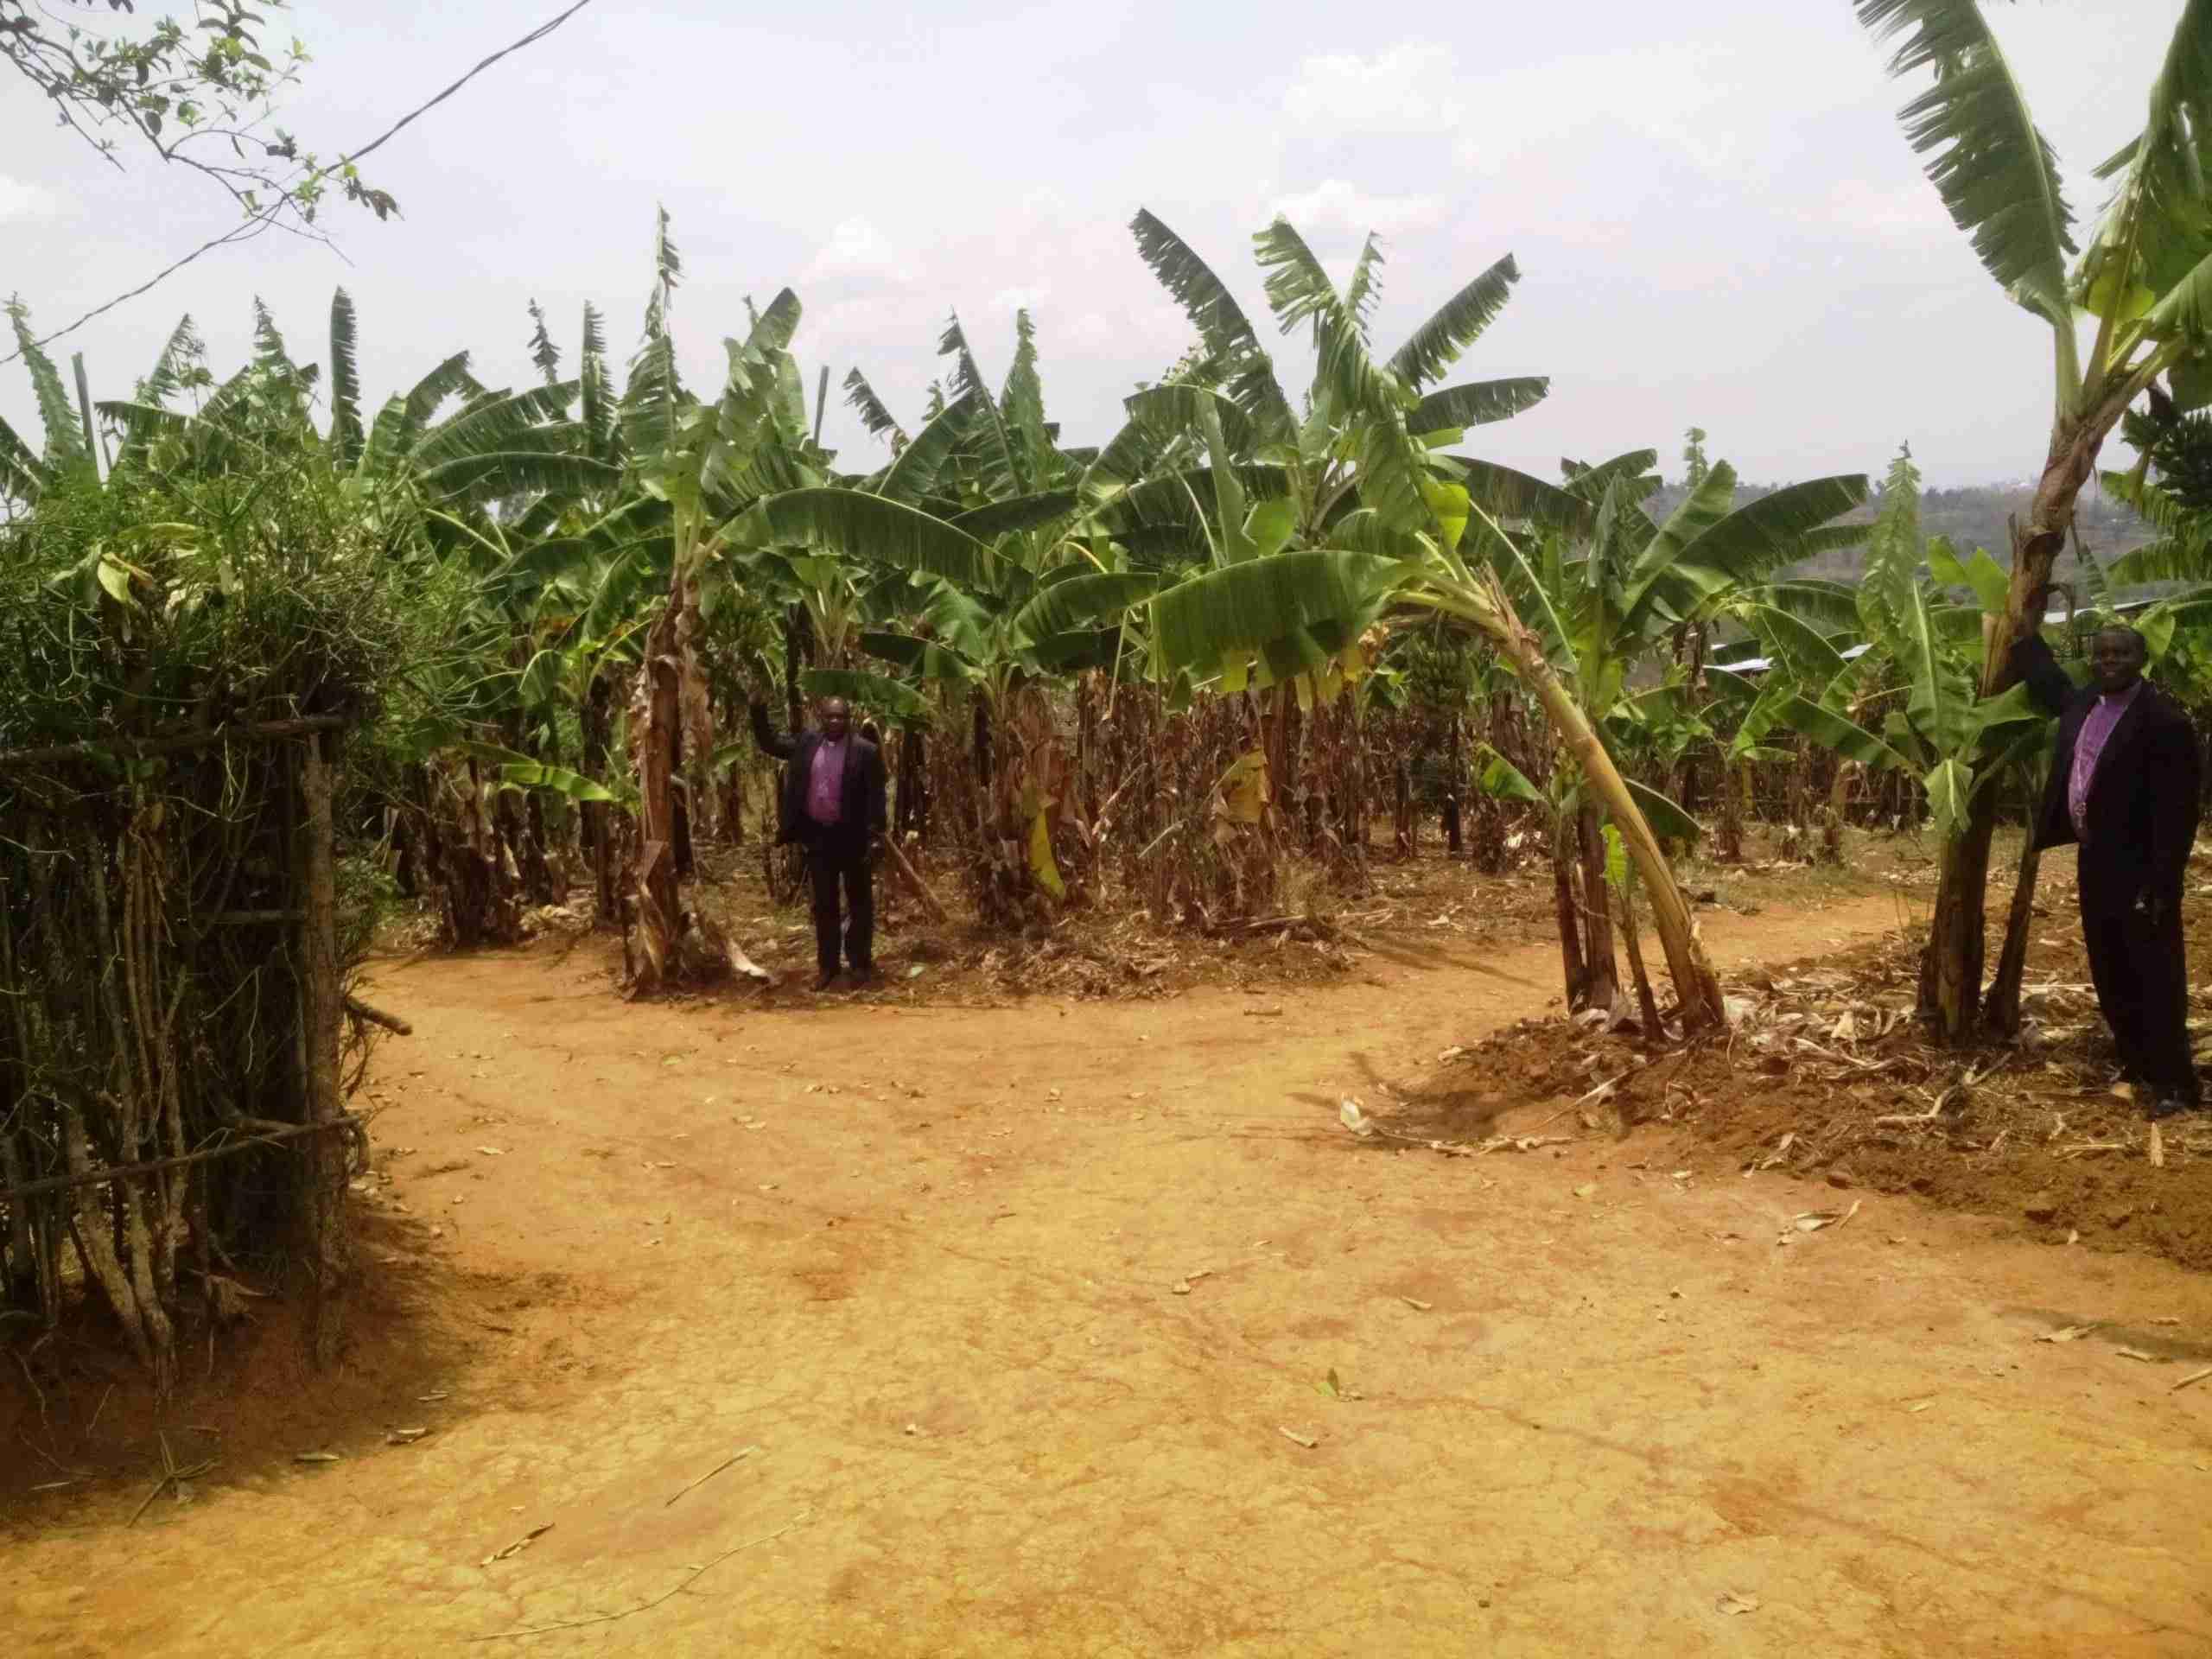 Banana Grove In Rwanda